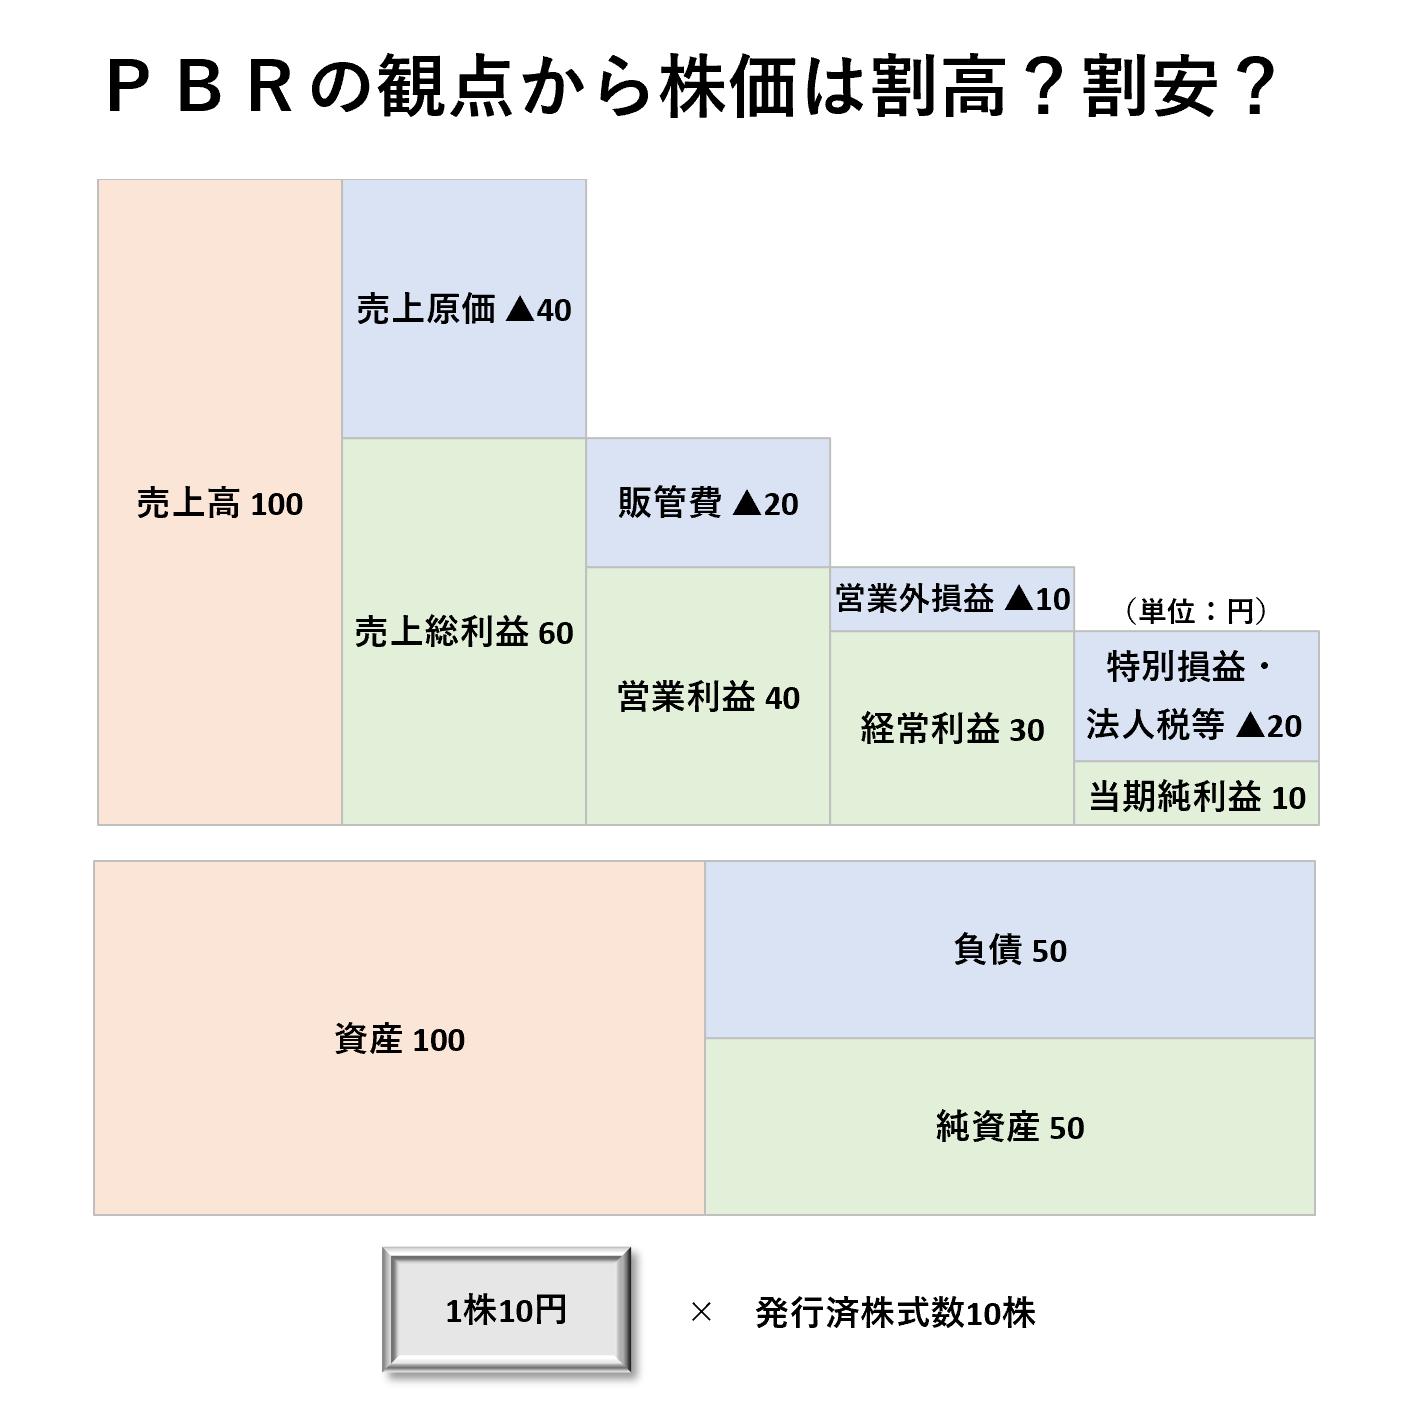 1人当たり分析(3級):PBR割高割安ー問題